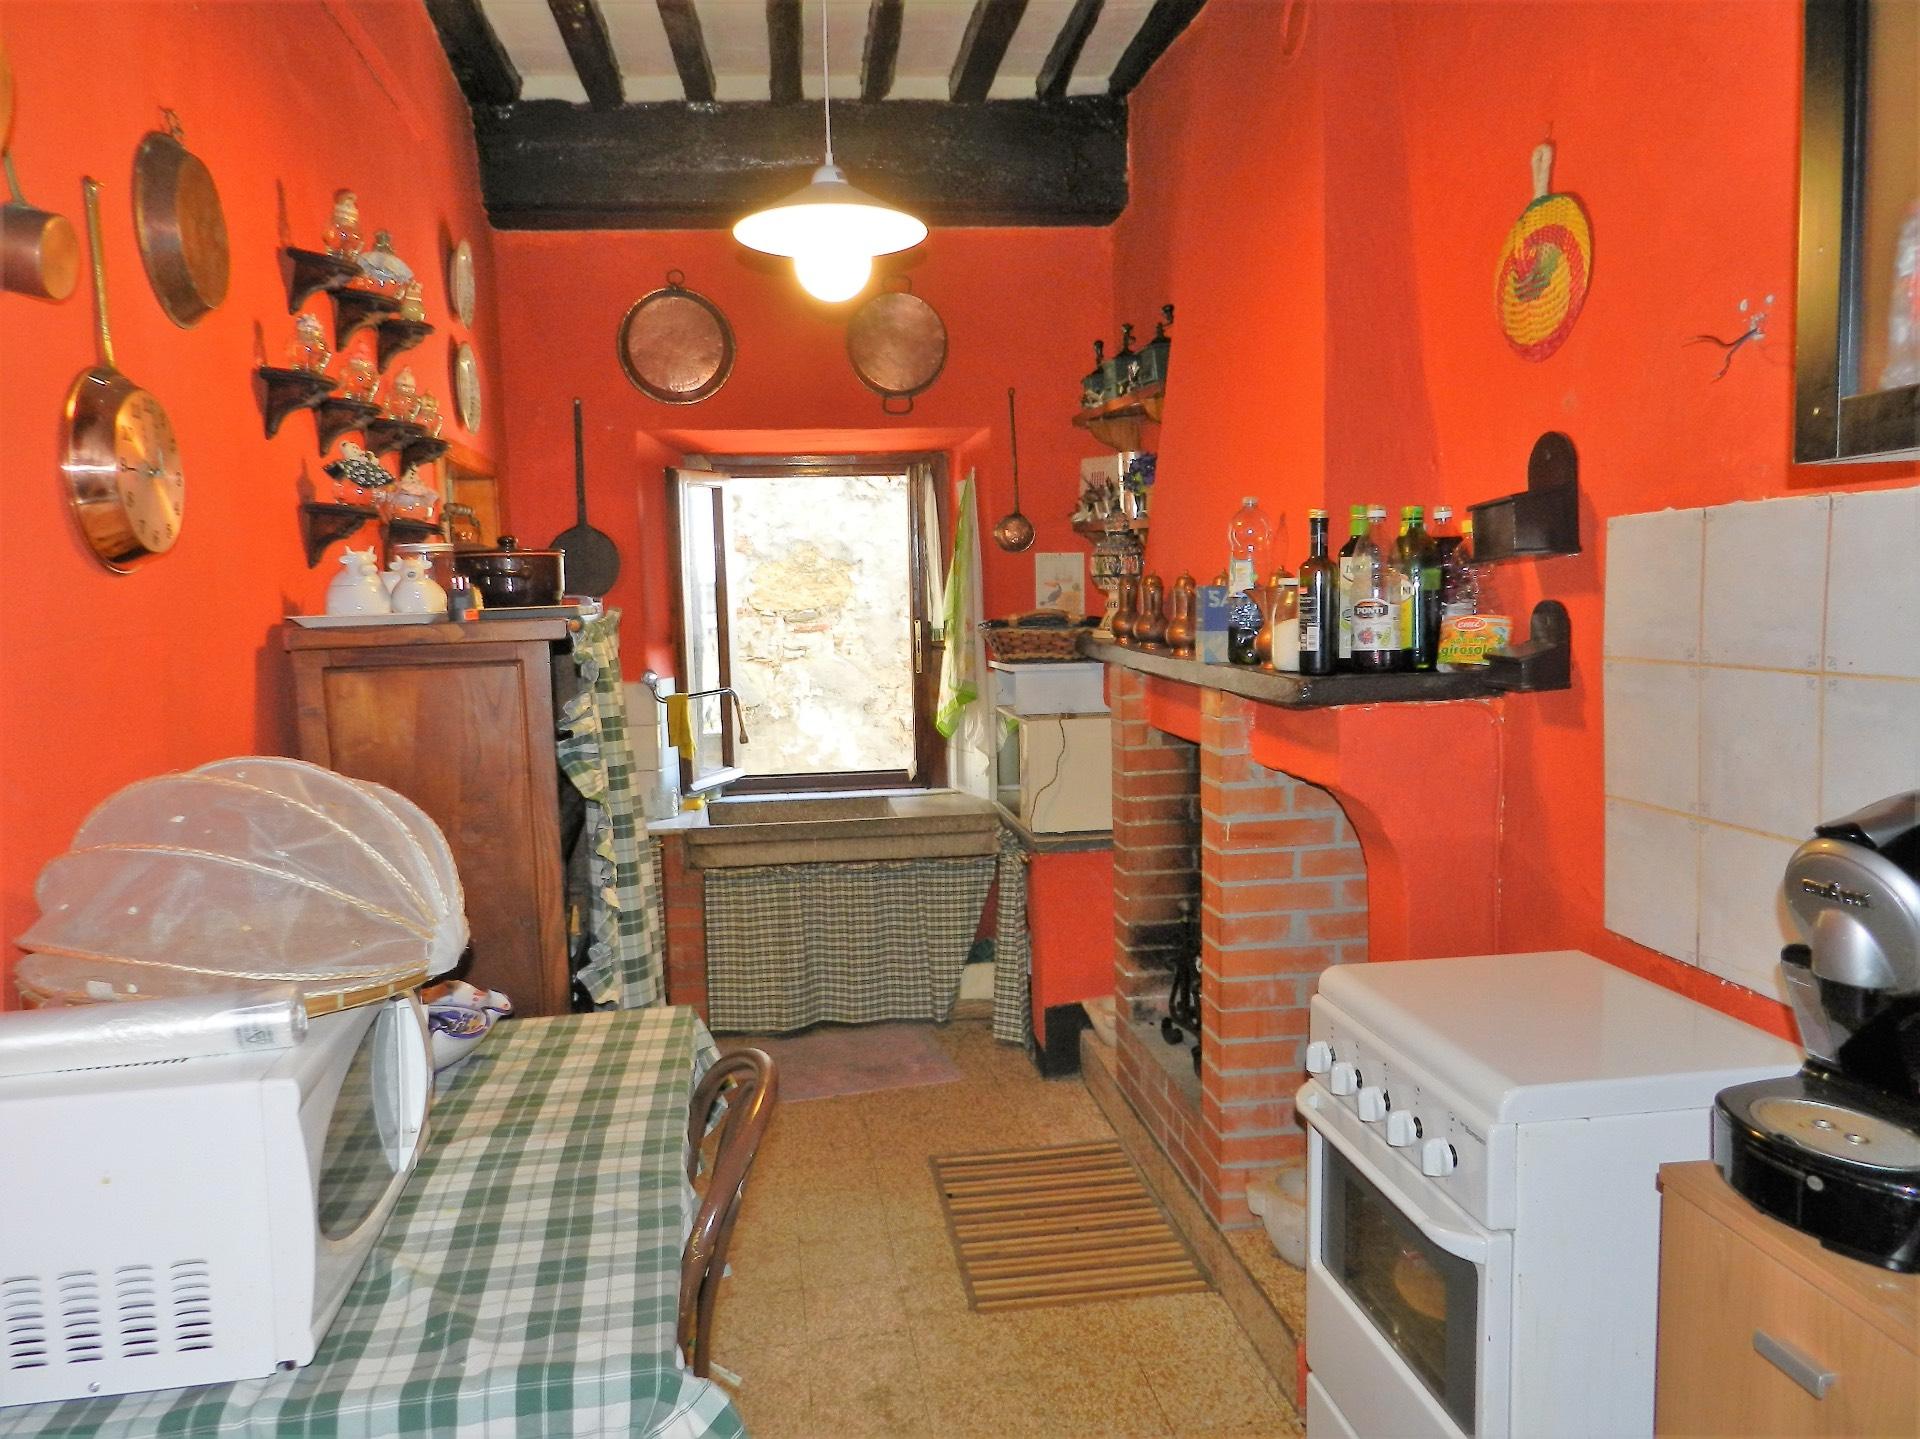 Rustico / Casale in vendita a Pescaglia, 4 locali, prezzo € 30.000 | CambioCasa.it